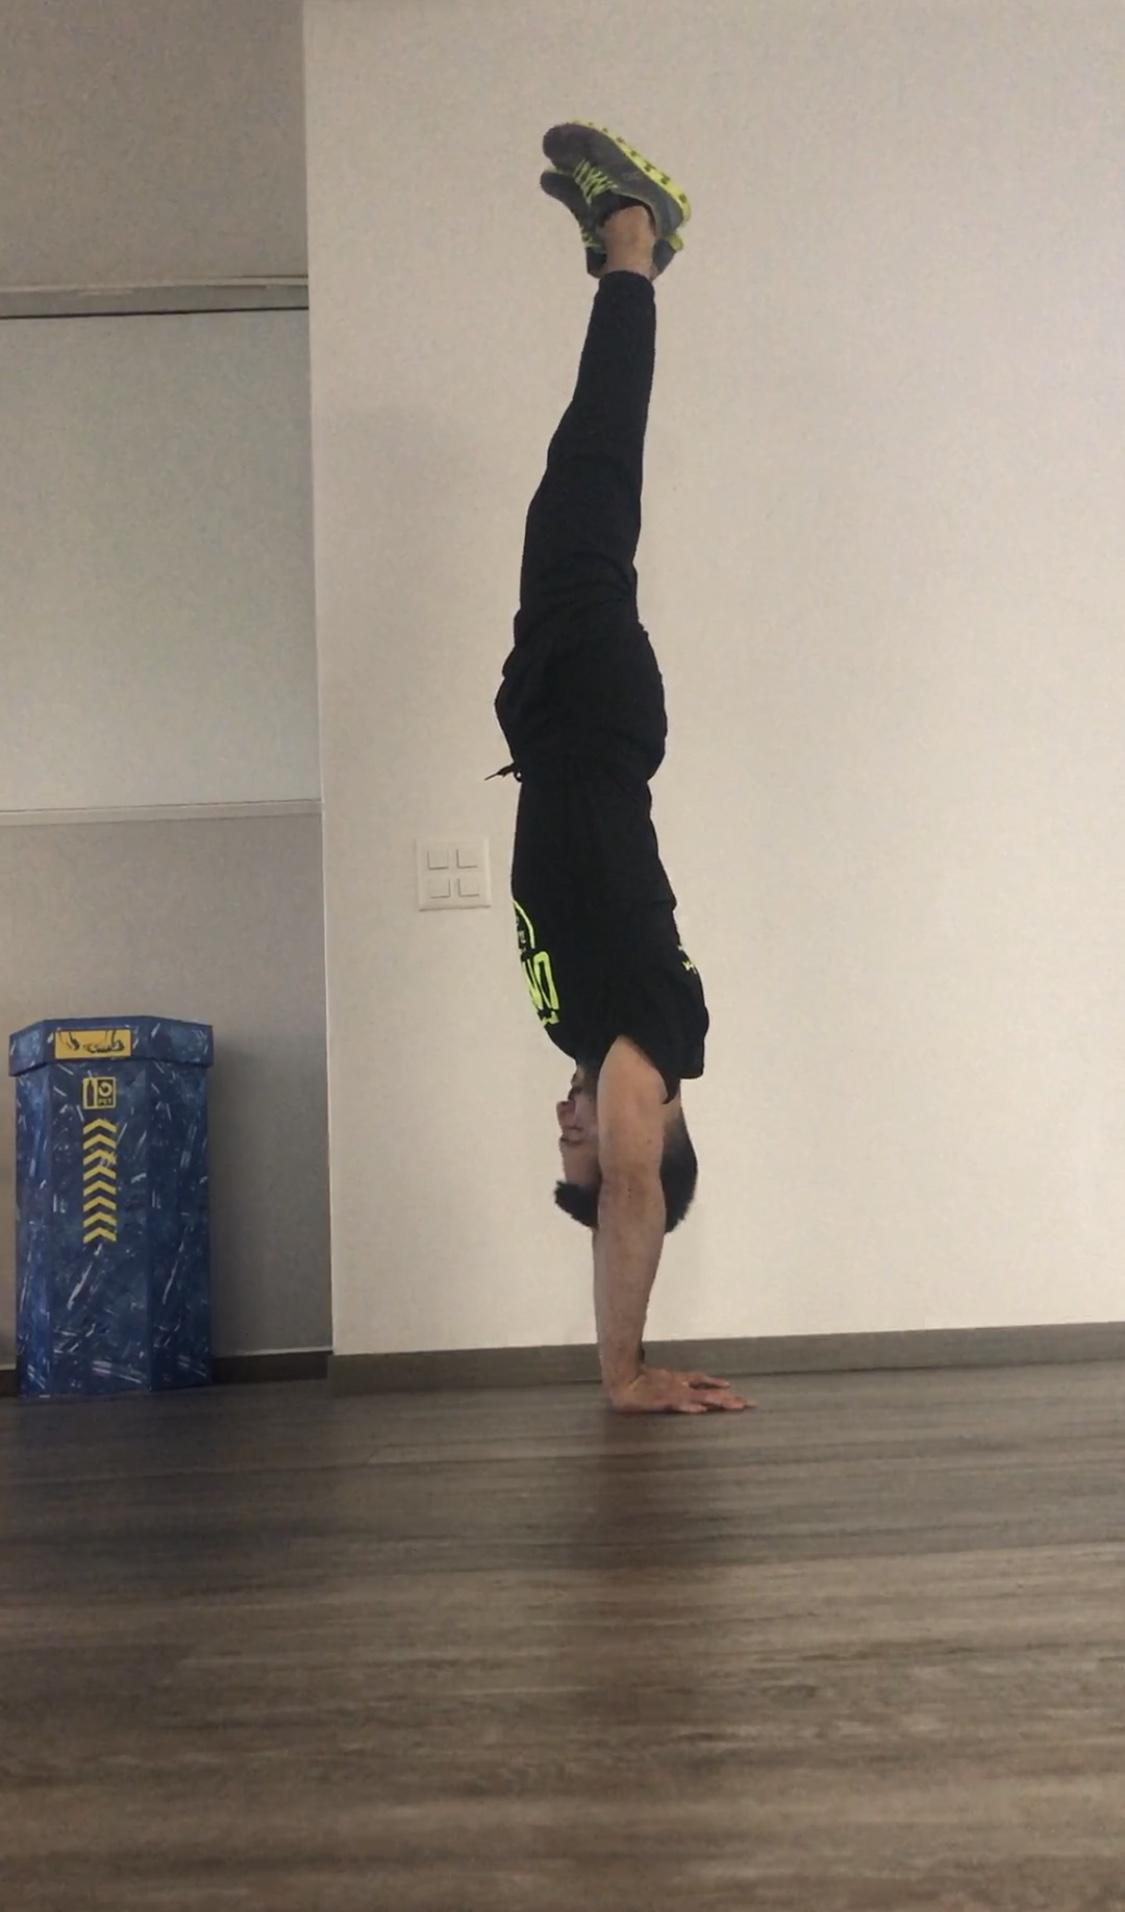 Handstand errore testa 2